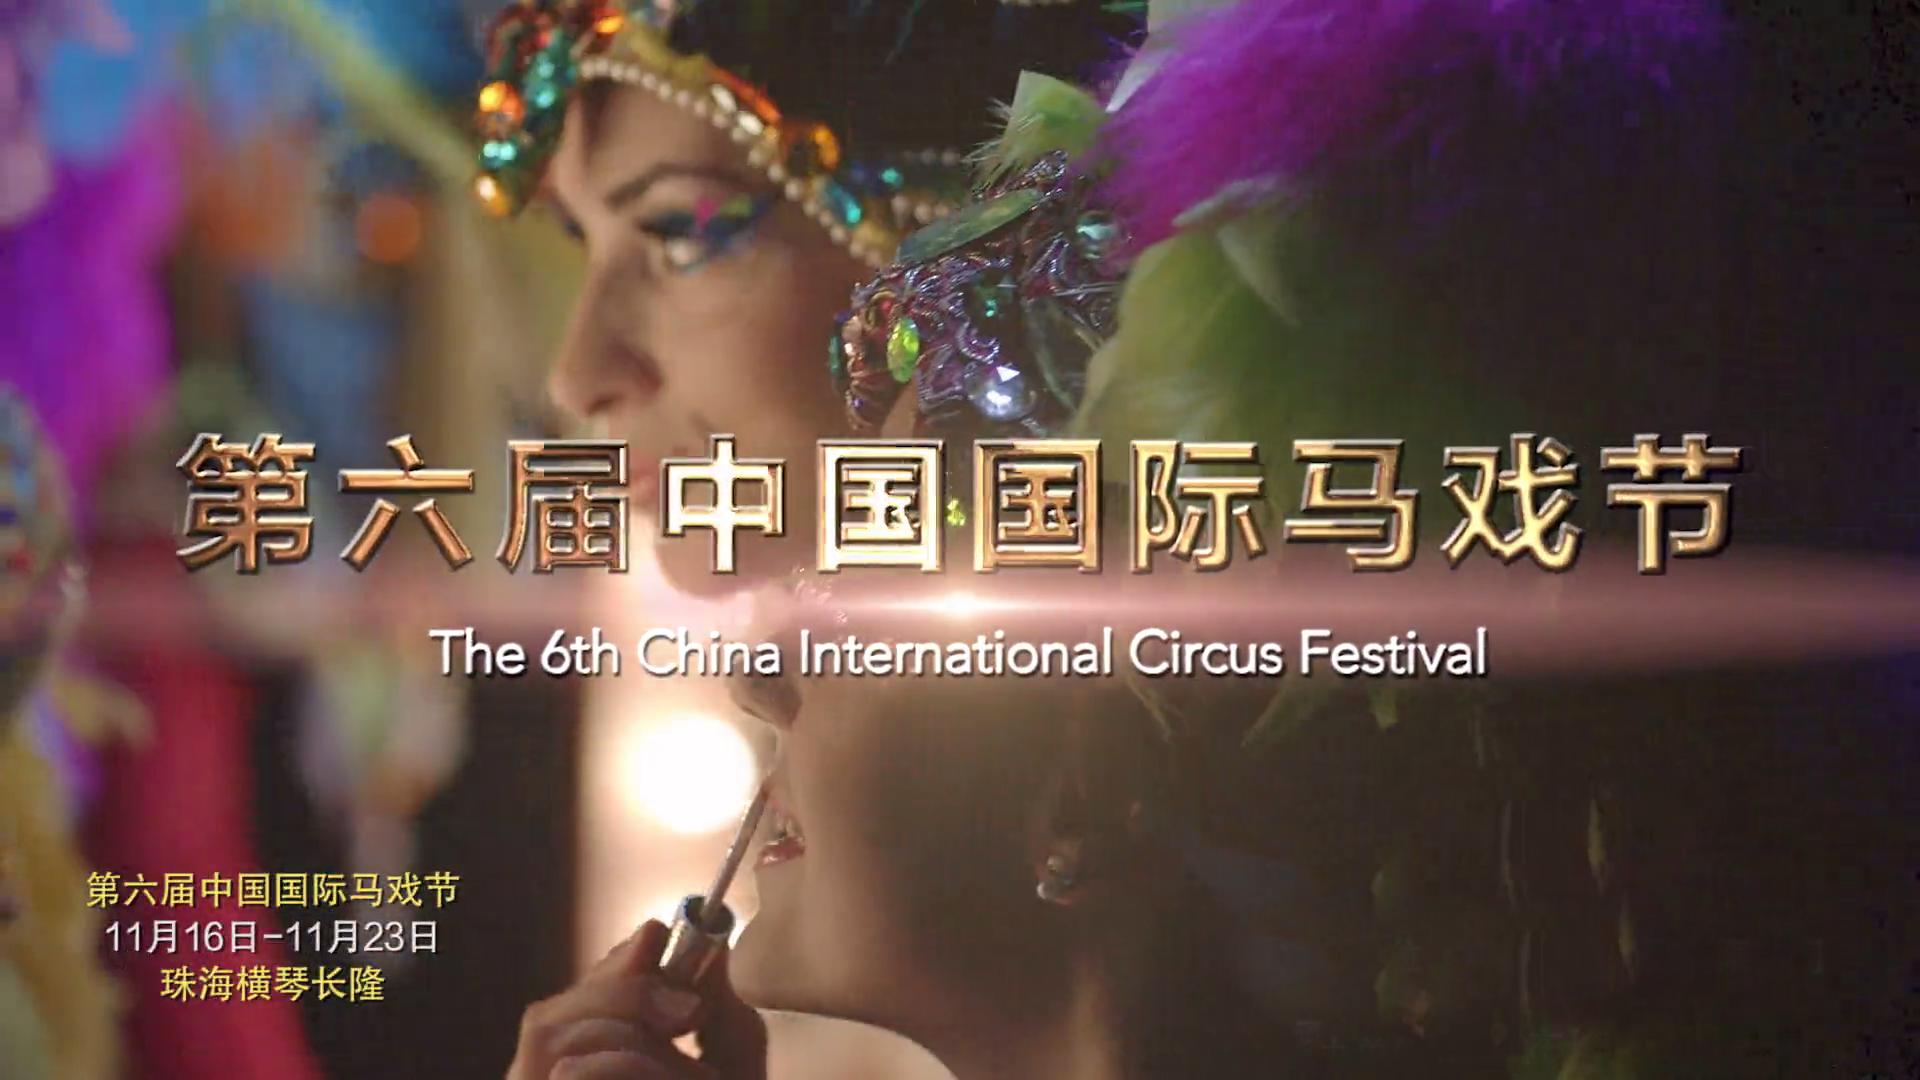 第六届中国国际马戏节盛宴澳门开show,神奇幕后独家大爆料